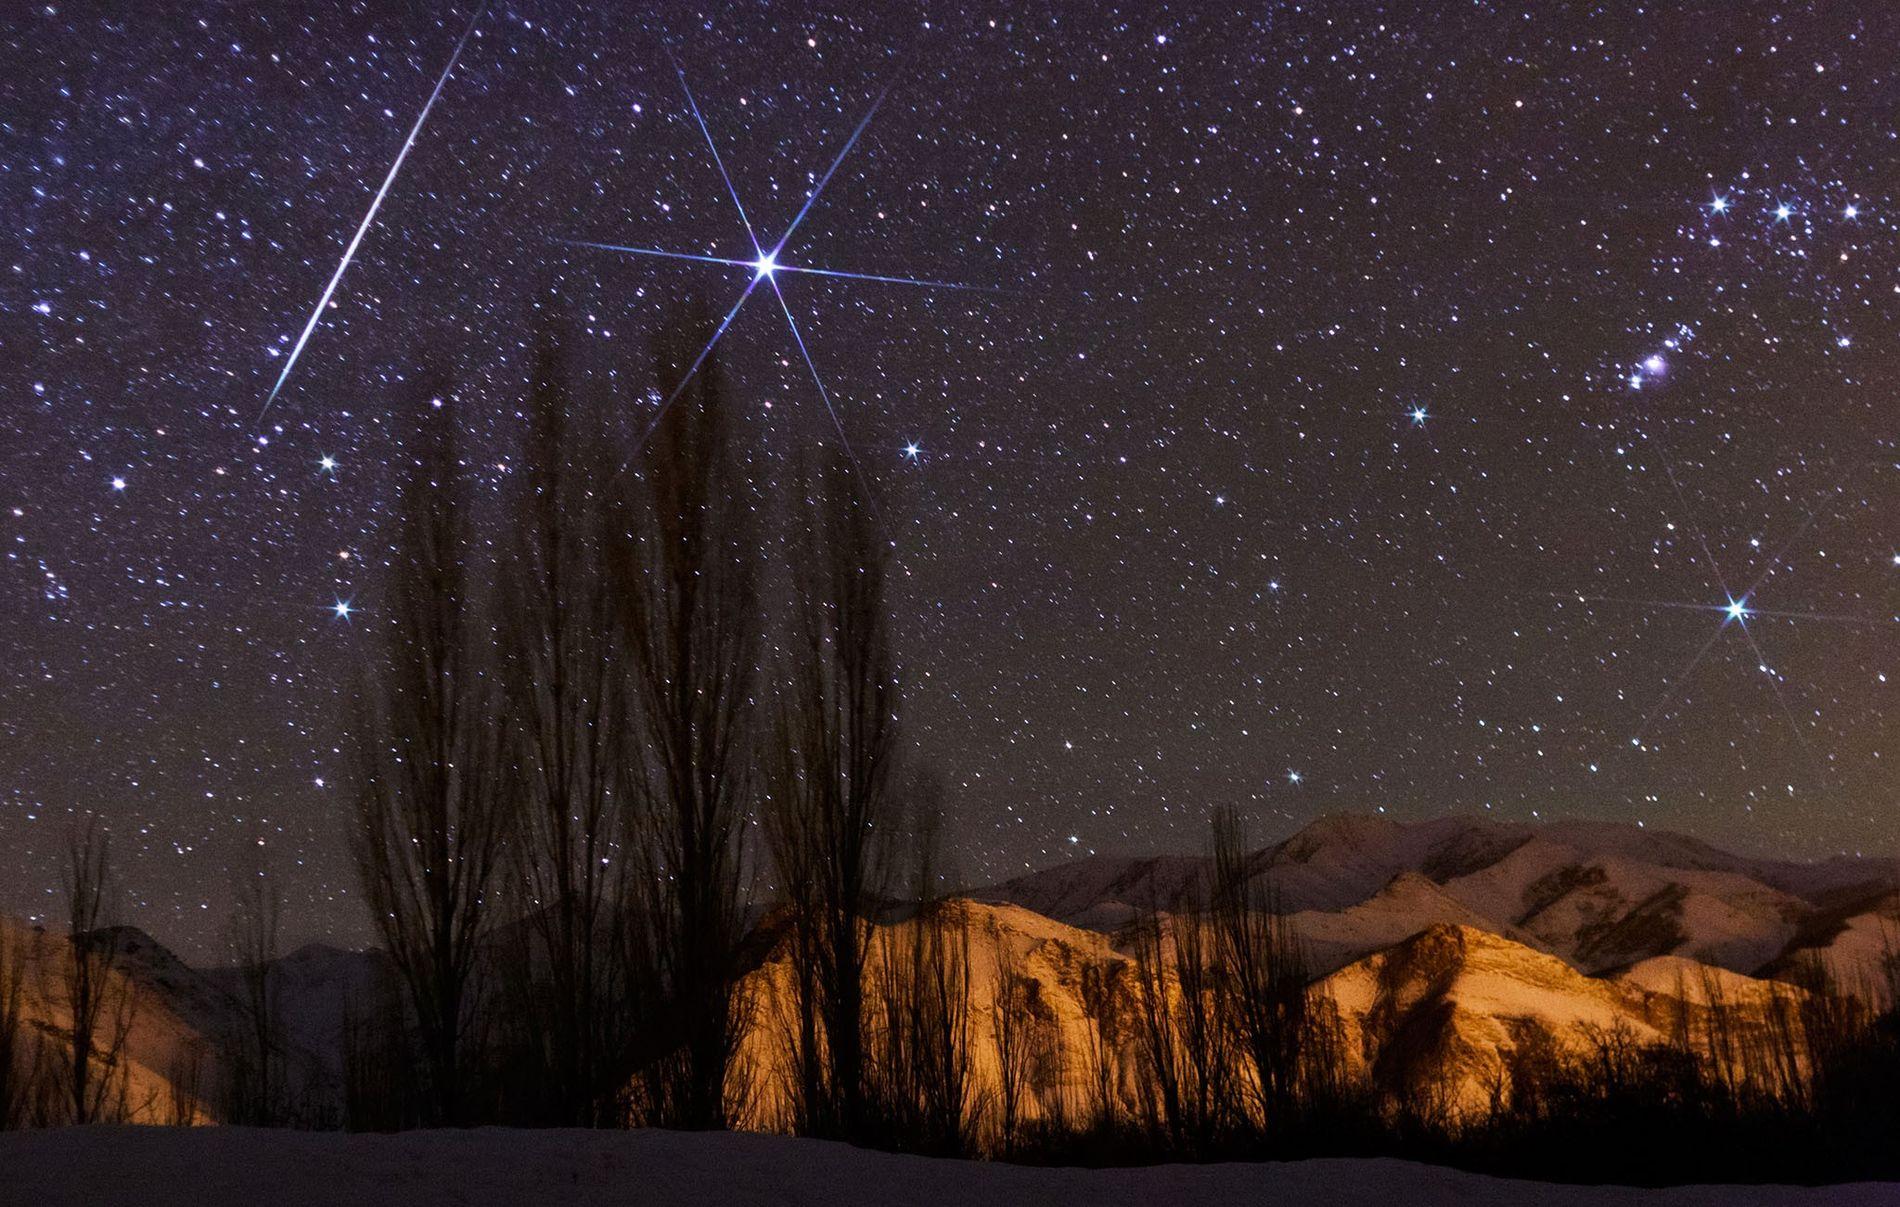 Une météore très brillante traverse le ciel durant la pluie de météores des Géminides 2016.